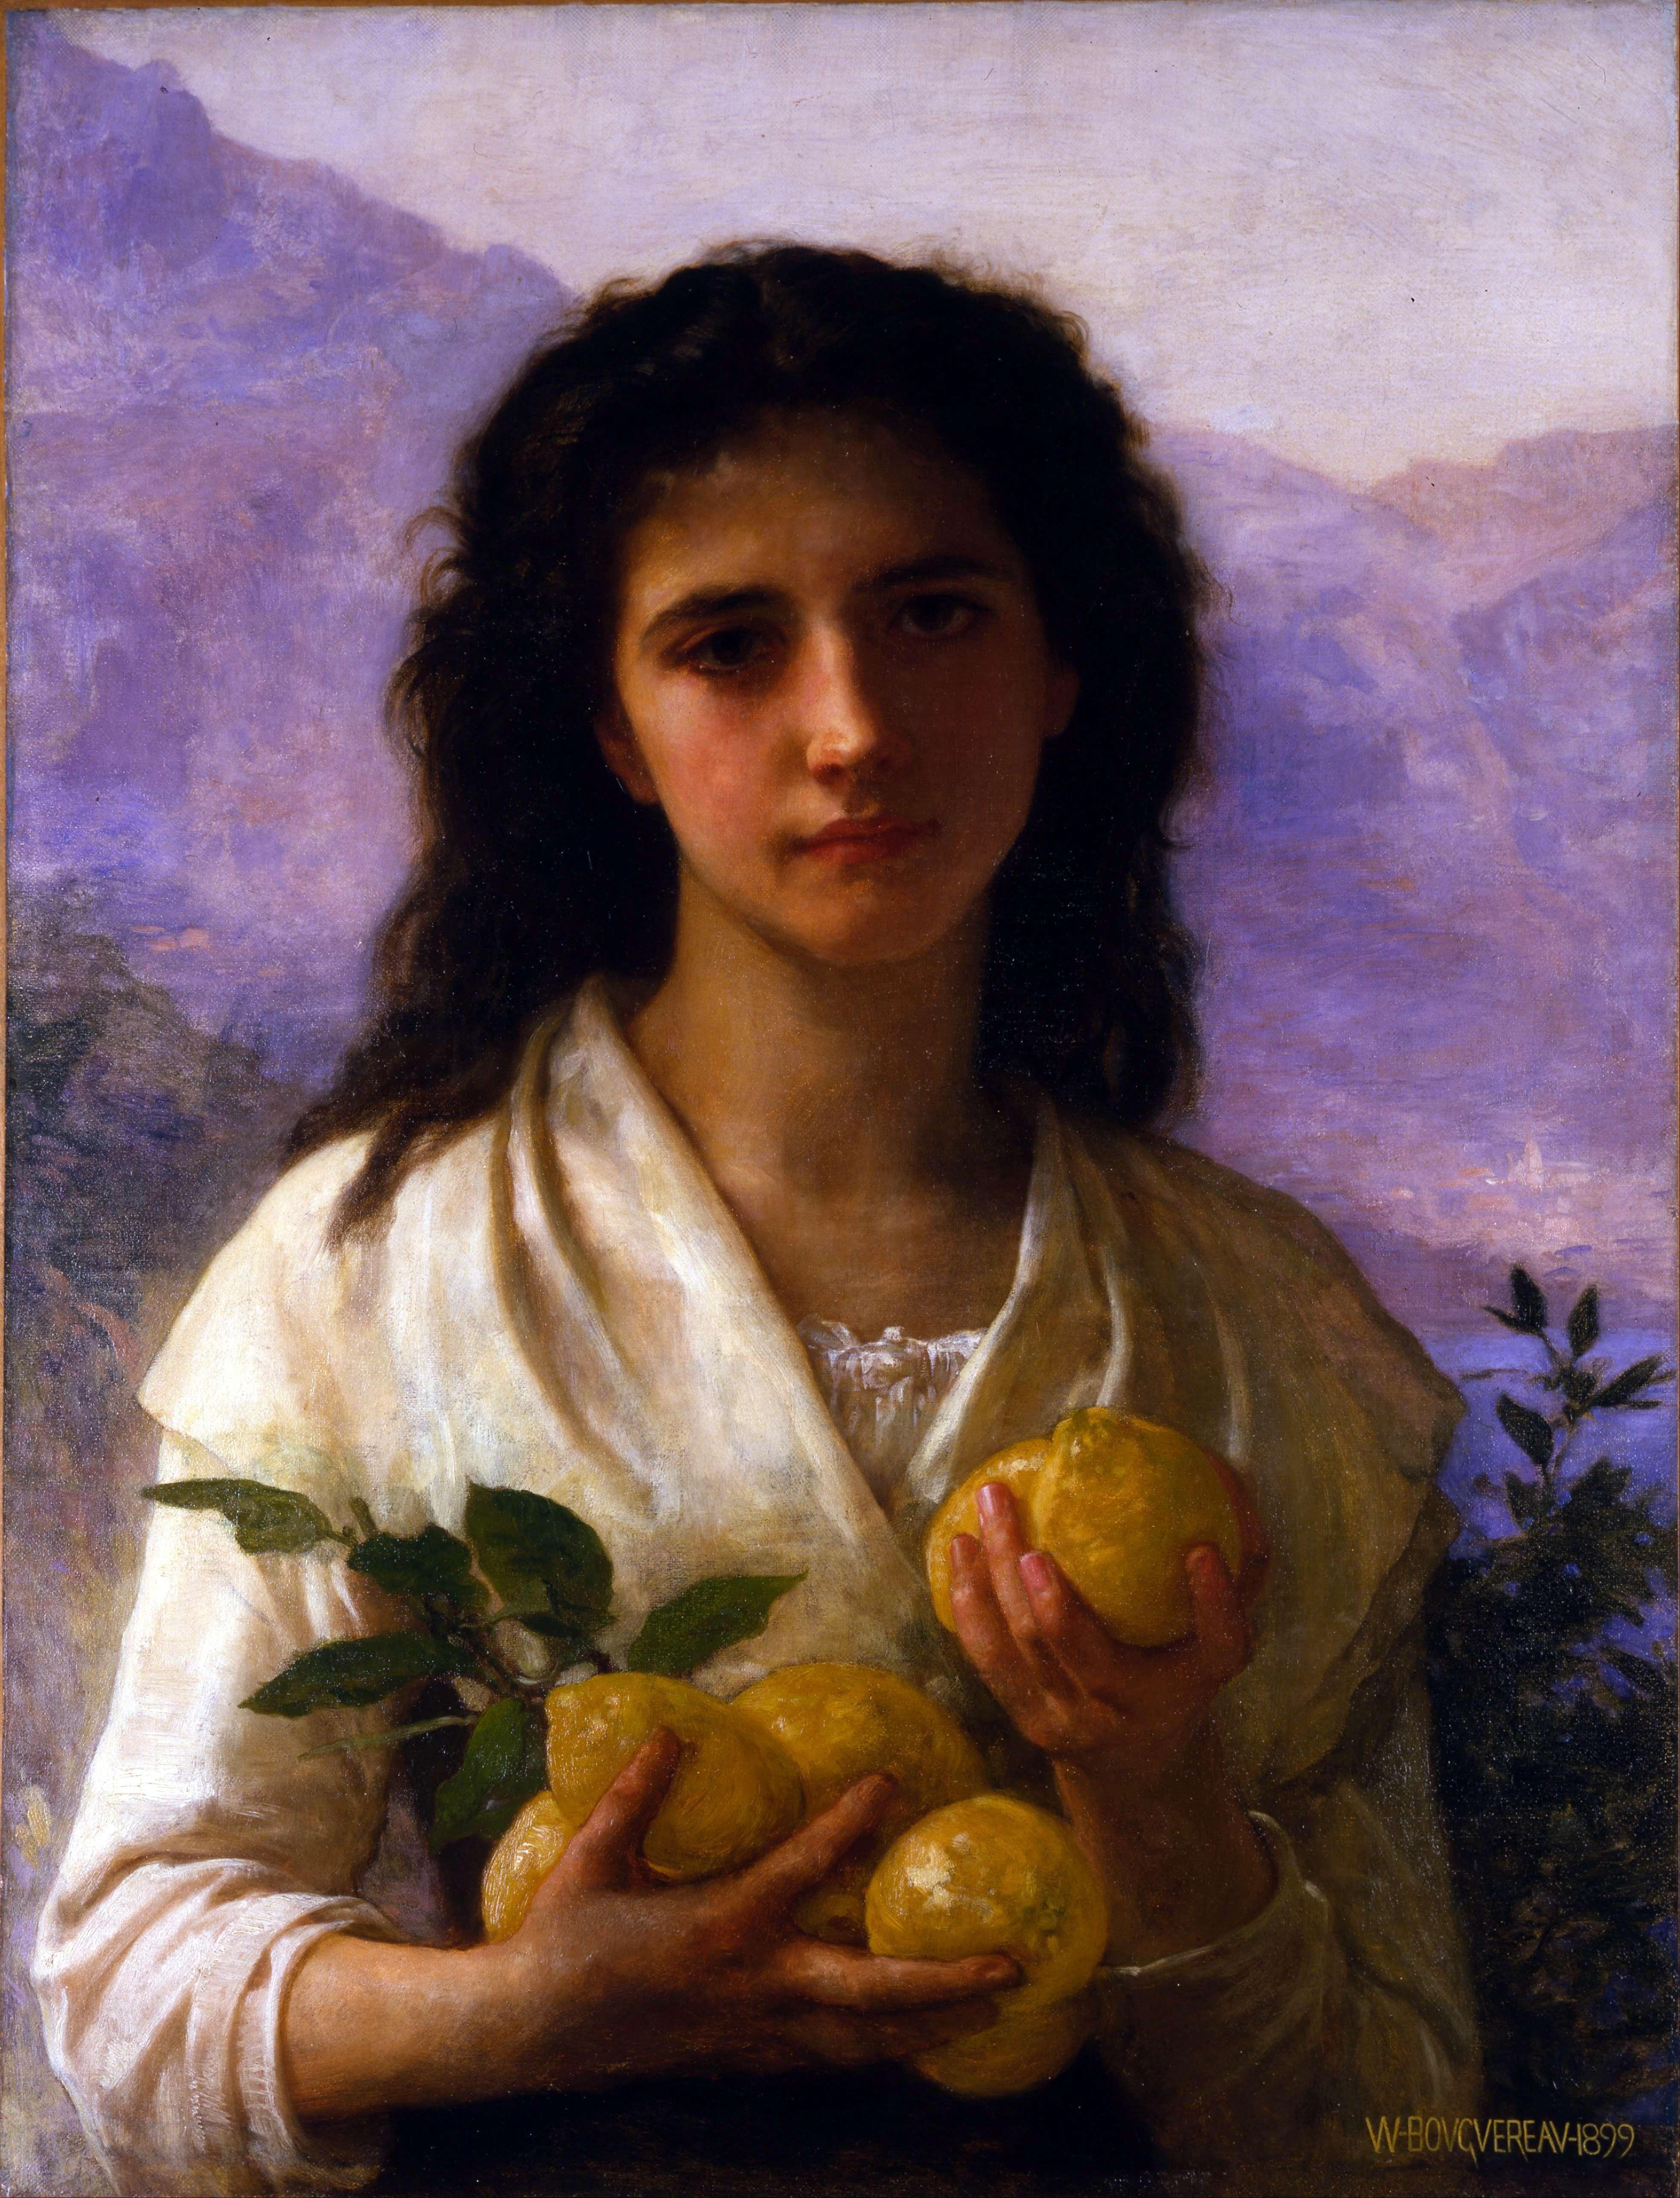 Citrony mohou být pro dívku dobrou prevencí proti početí. Kyselost totiž hubí spermie.